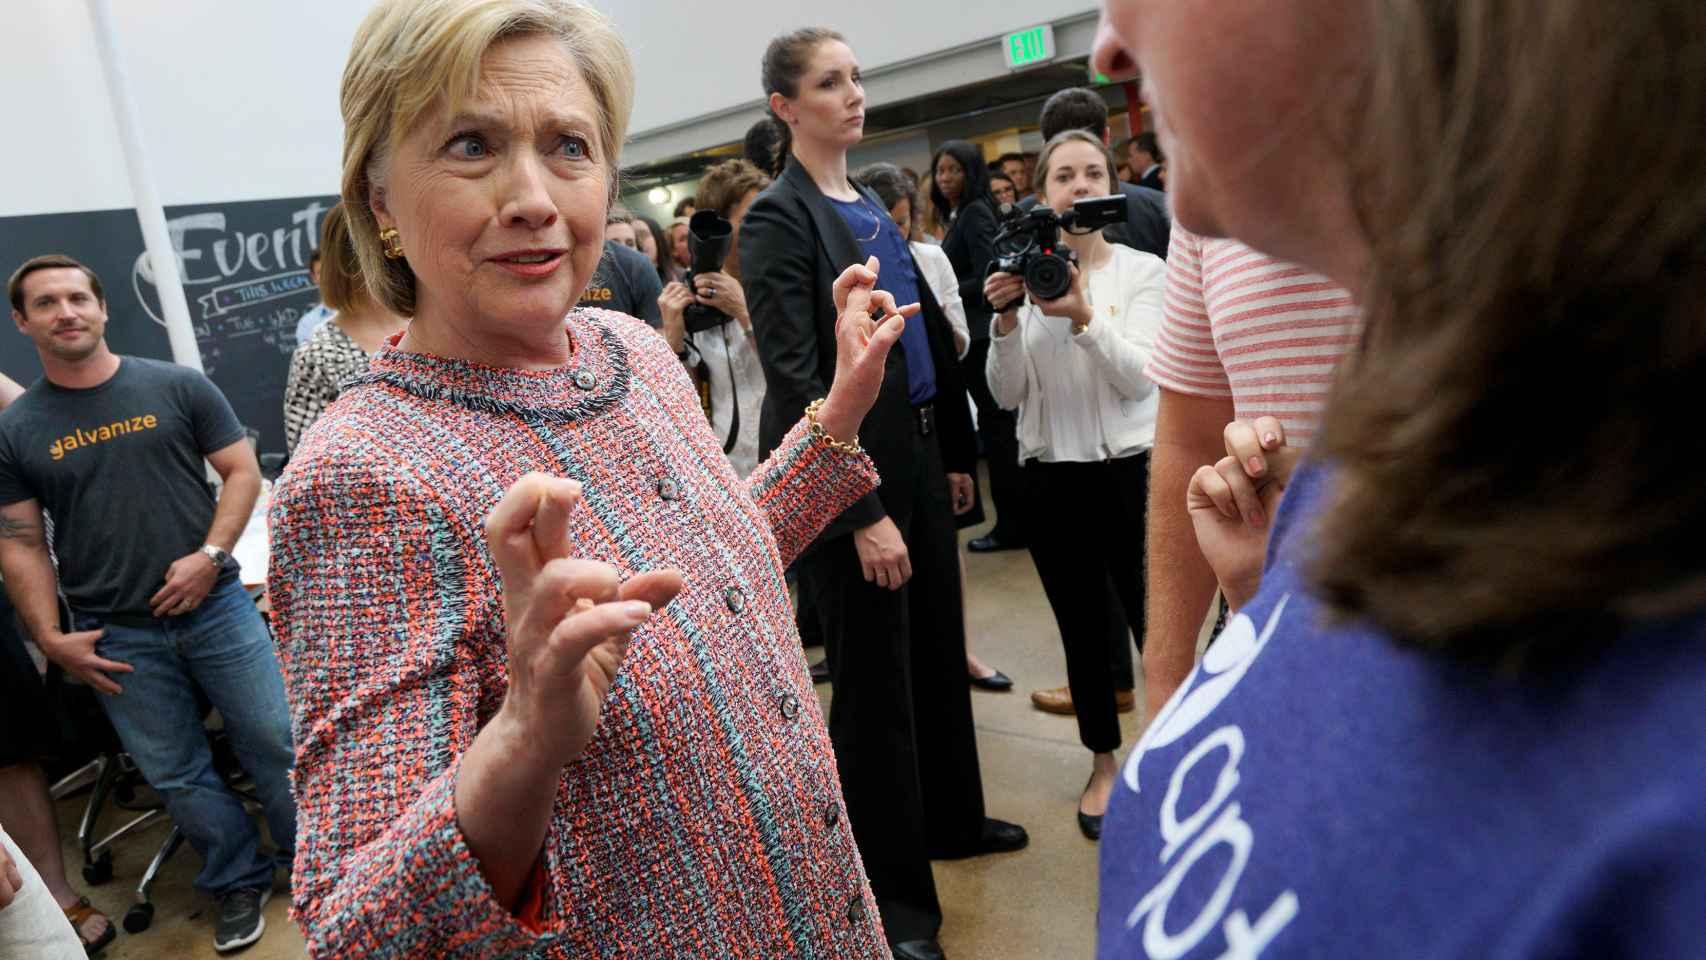 El caso de los correos daña la imagen de Clinton de cara a las elecciones del 8 de noviembre.